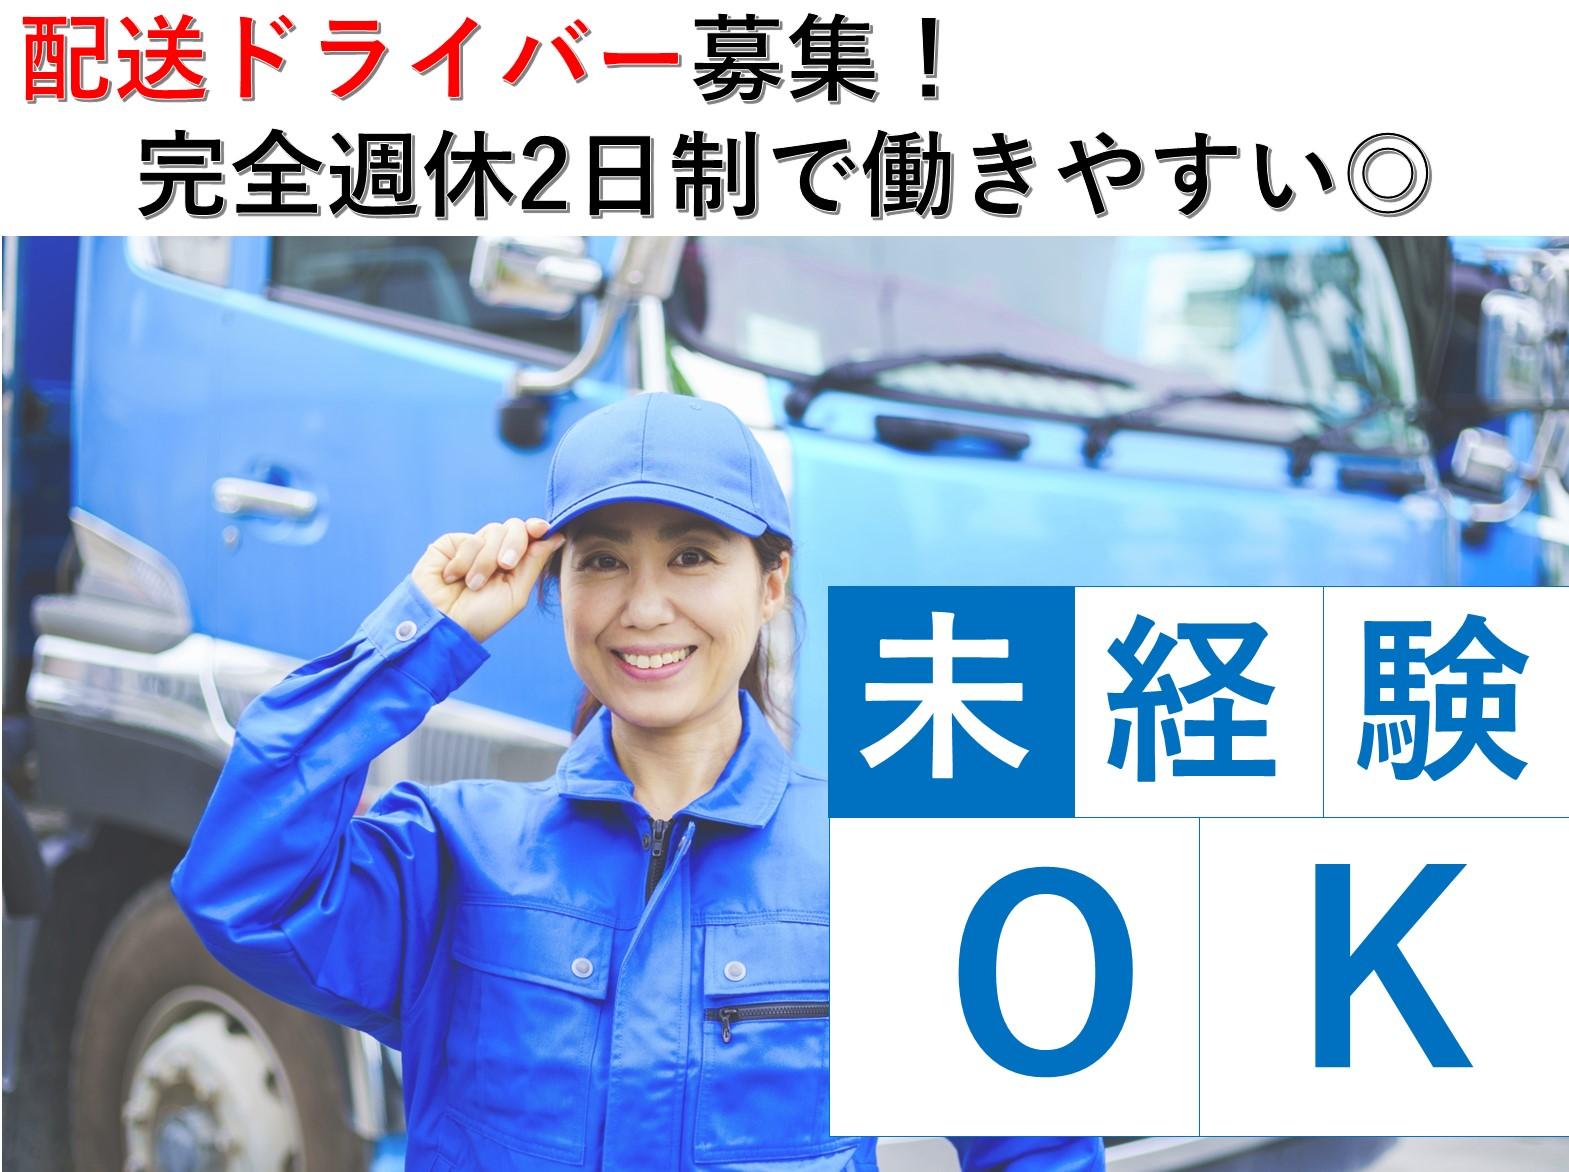 未経験スタートOK!完全週休2日制のドライバー募集(4トントラック) イメージ